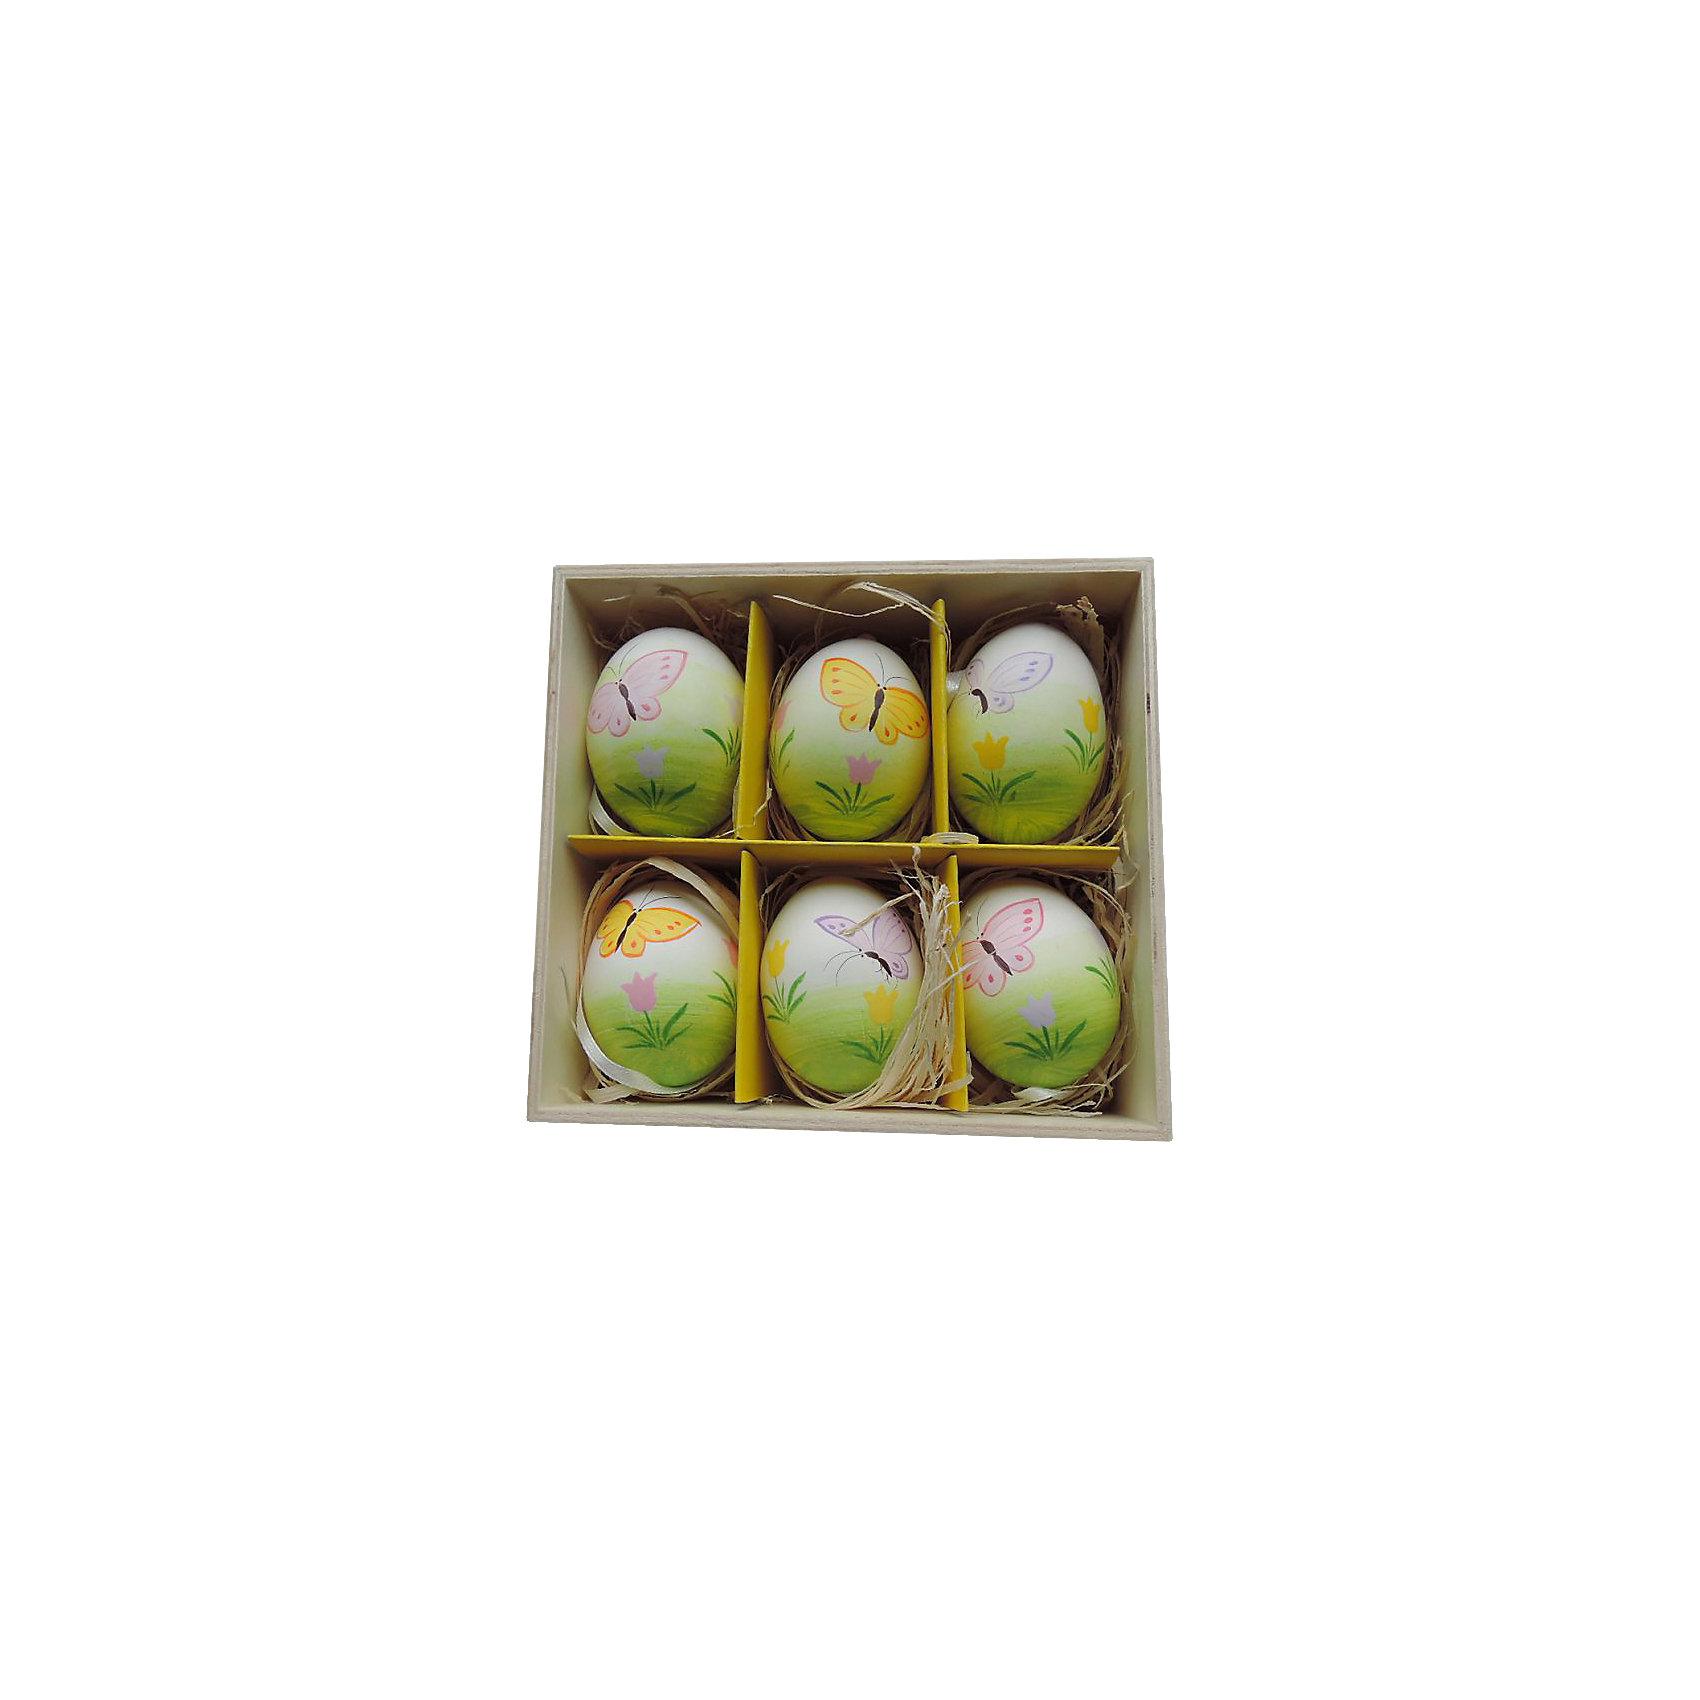 Декоративный набор пасхальных яиц Бабочки 6 штДекоративное подвесное пасхальное яйцо - идеальный вариант для украшения дома к празднику или же для пасхального сувенира. Подвески выполнены из натуральной скорлупы, украшены нежными рисунками, имеют специальные текстильные петельки для подвешивания. В комплекте - 6 пасхальных яиц, расположенных в оригинальном  деревянного ящичке с подложкой из лыко.<br><br>Дополнительная информация:<br><br>- Материал: скорлупа куриного яйца, текстиль, лыко.<br>- Размер яйца: 4 см х 4 см х 5,5 см.<br>- Размер упаковки: 16х15х6 см.<br>- 6 штук в наборе. <br>- Цвет: зеленый, белый, желтый. <br>,<br>Декоративный набор пасхальных яиц Бабочки 6 шт, можно купить в нашем магазине.<br><br>Ширина мм: 55<br>Глубина мм: 140<br>Высота мм: 150<br>Вес г: 143<br>Возраст от месяцев: 36<br>Возраст до месяцев: 2147483647<br>Пол: Унисекс<br>Возраст: Детский<br>SKU: 4501201